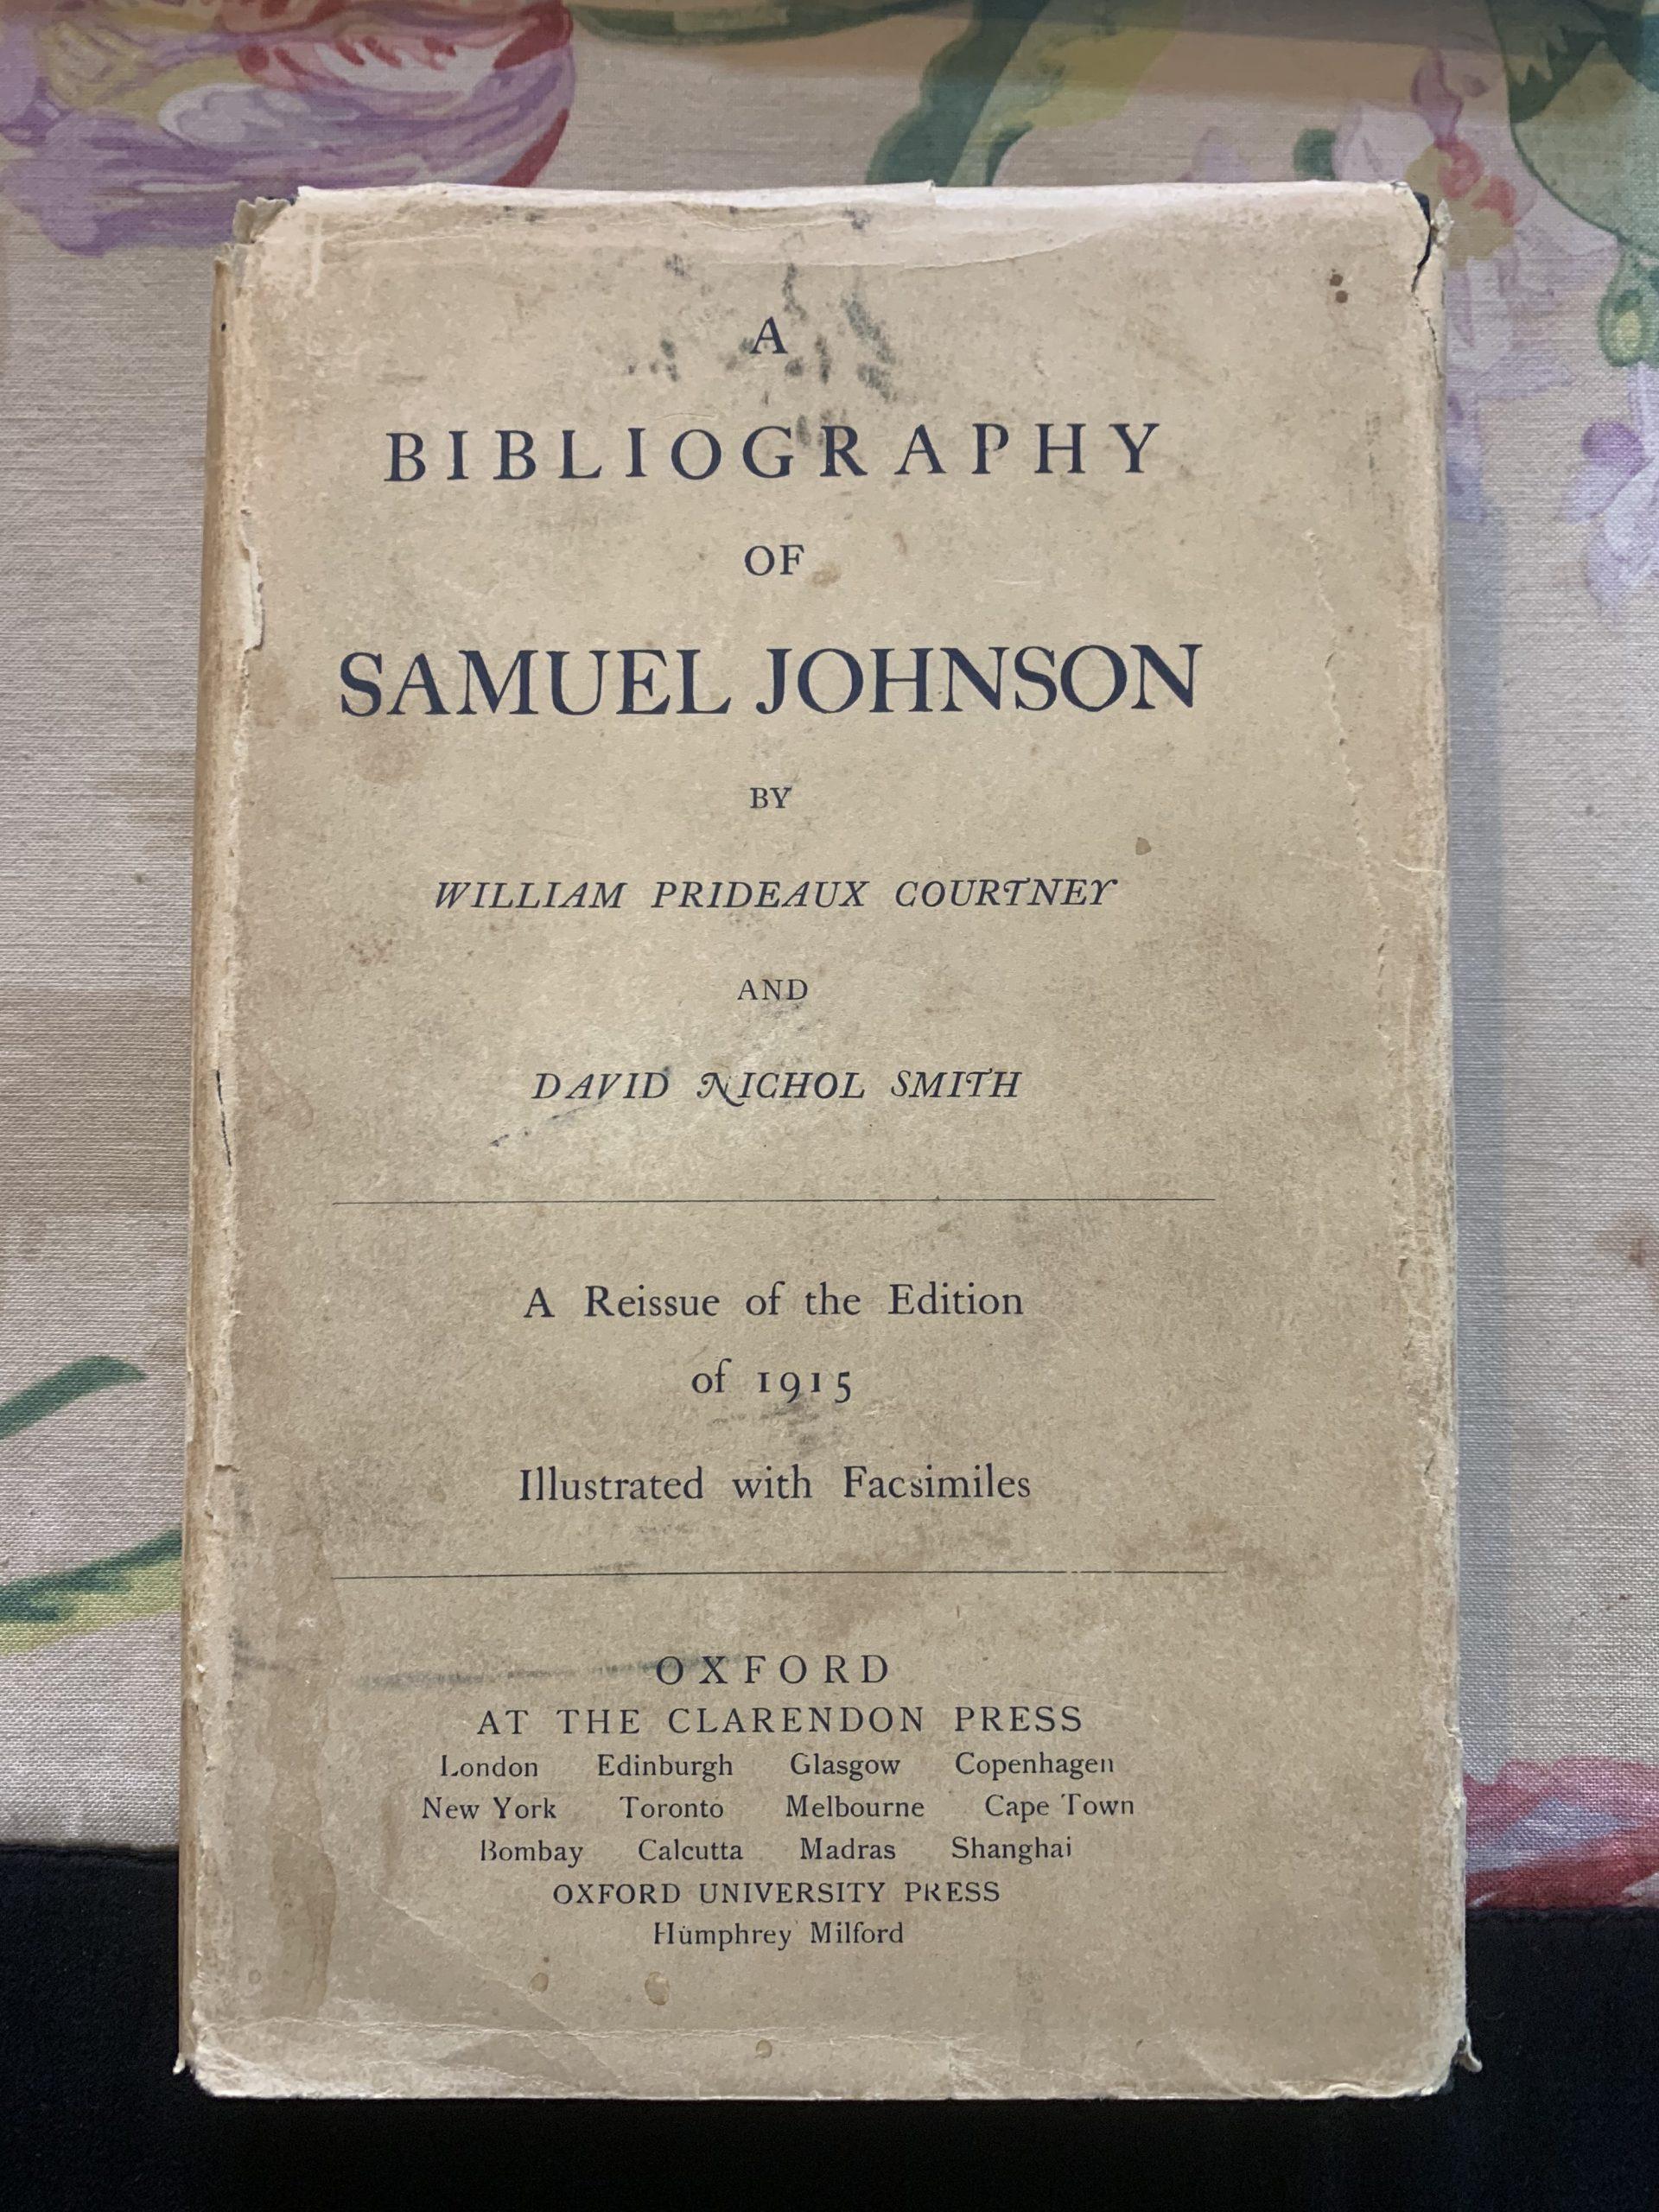 COURTNEY, William P.; SMITH, David N.